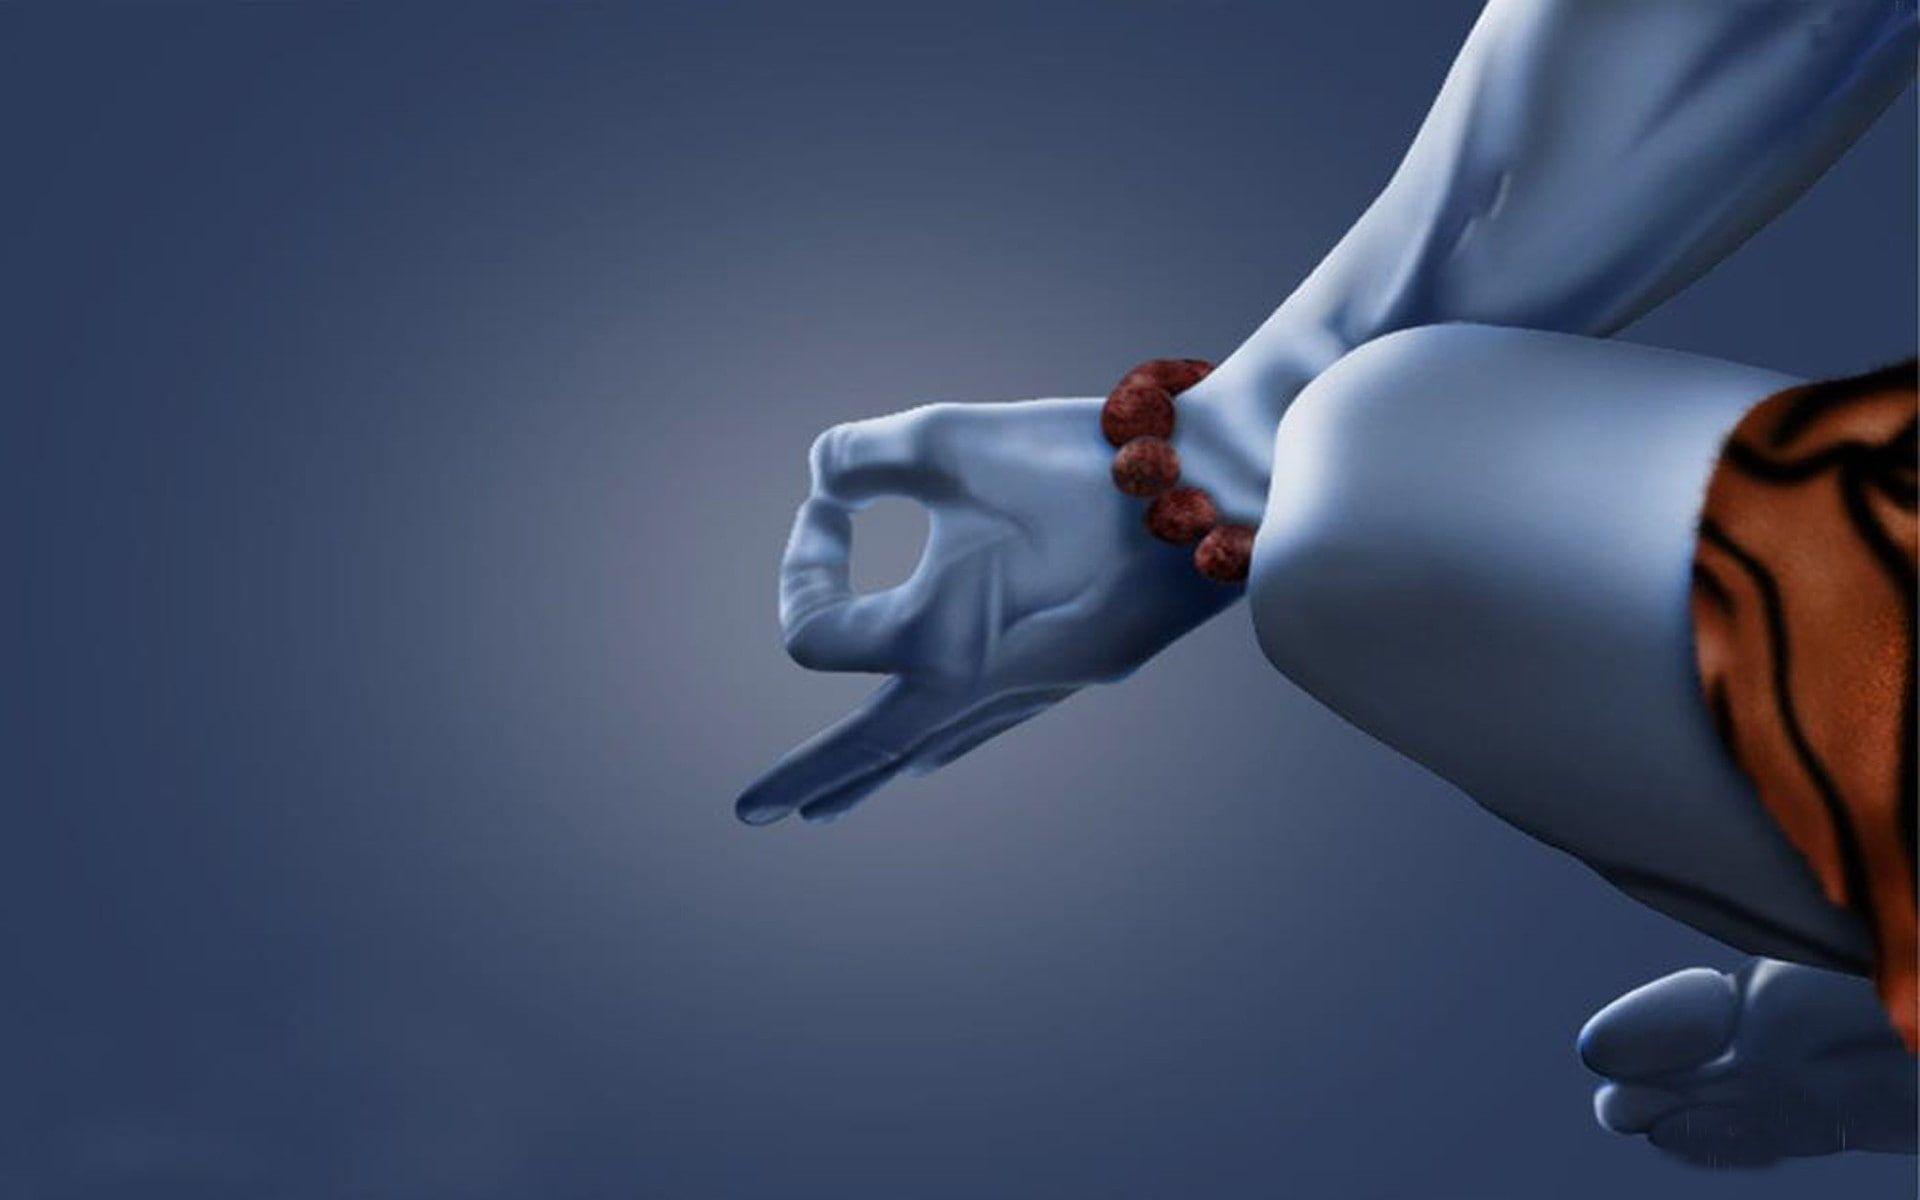 Gods Shiva 3d Gods Shiva 1080p Wallpaper Hdwallpaper Desktop Lord Shiva Hd Wallpaper Lord Krishna Wallpapers Shiva Wallpaper 3d animation ultra hd 1080p shiva hd